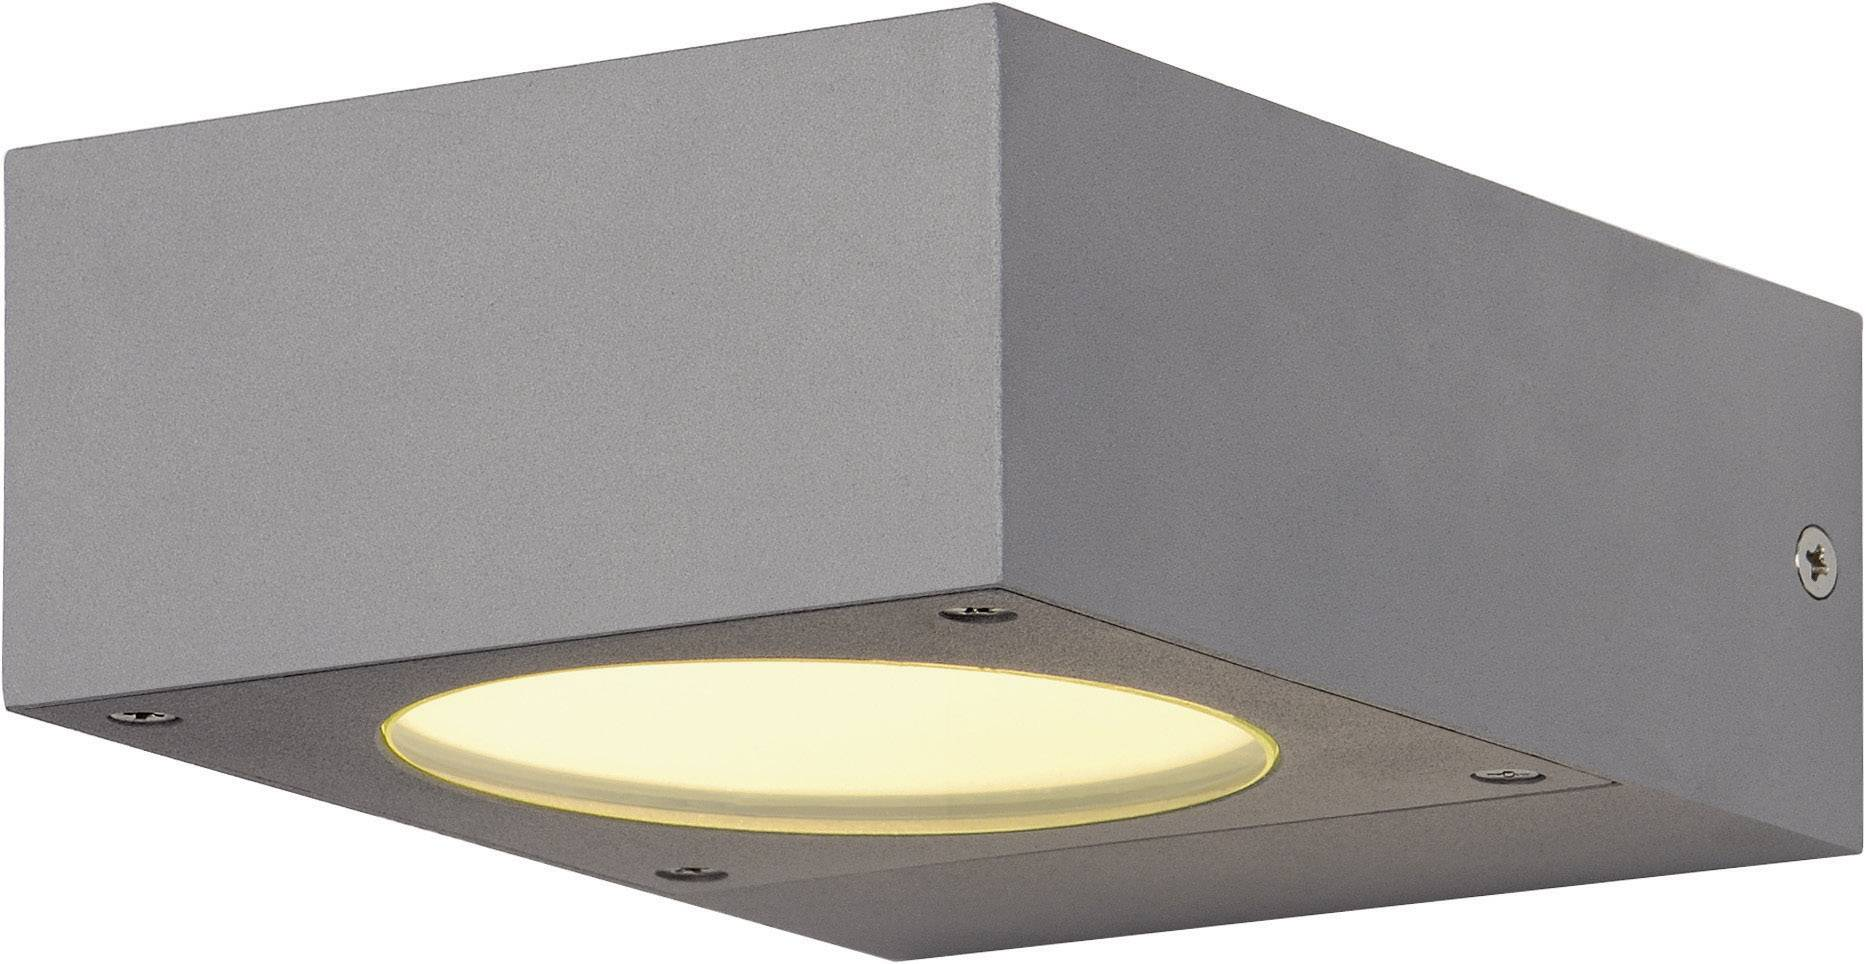 Venkovní nástěnné osvětlení SLV Quadrasyl WL15 232284, GX53, 9 W, hliník, stříbrnošedá